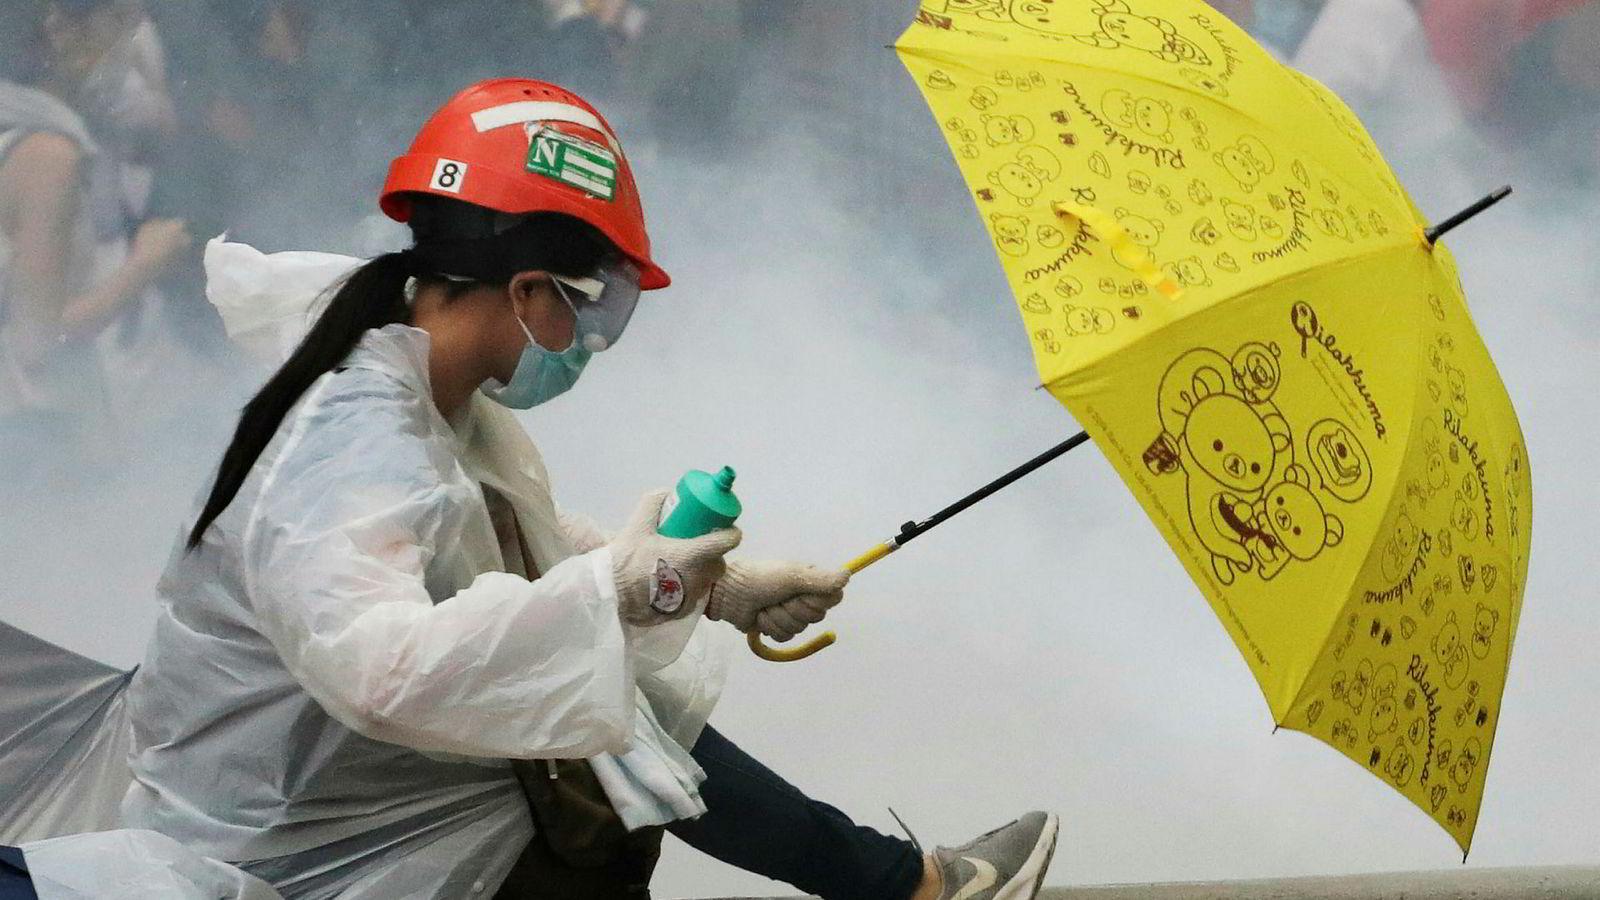 Det har vært store demonstrasjoner i Hongkong den siste tiden. Paraplyene, som fikk stor betydning under demonstrasjonene i 2014, har også i år vært synlige i bybildet.